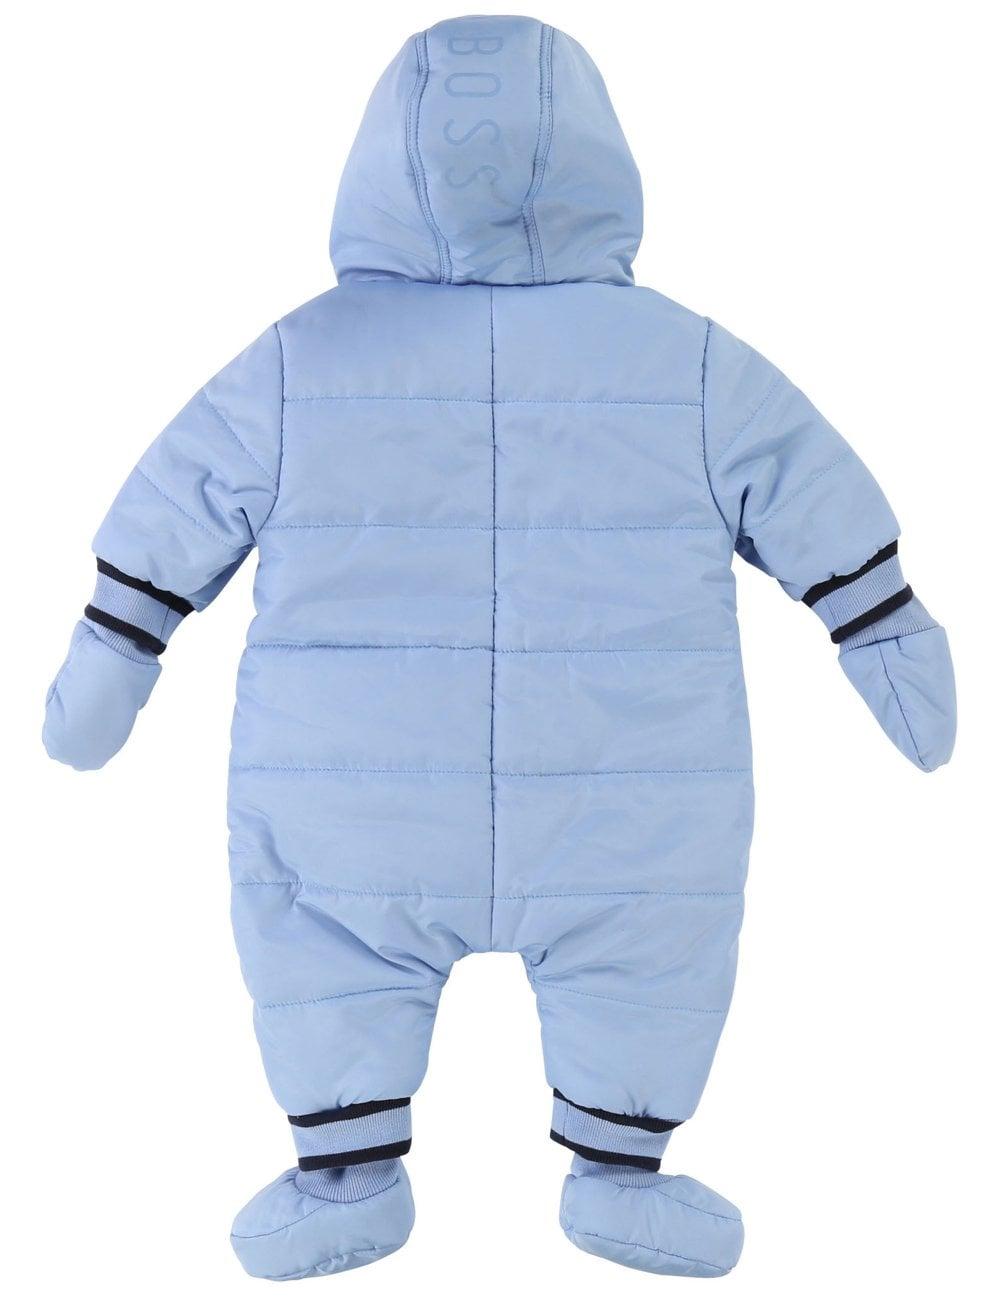 7e43226455c6 Hugo Boss Kids Baby Boys Snowsuit